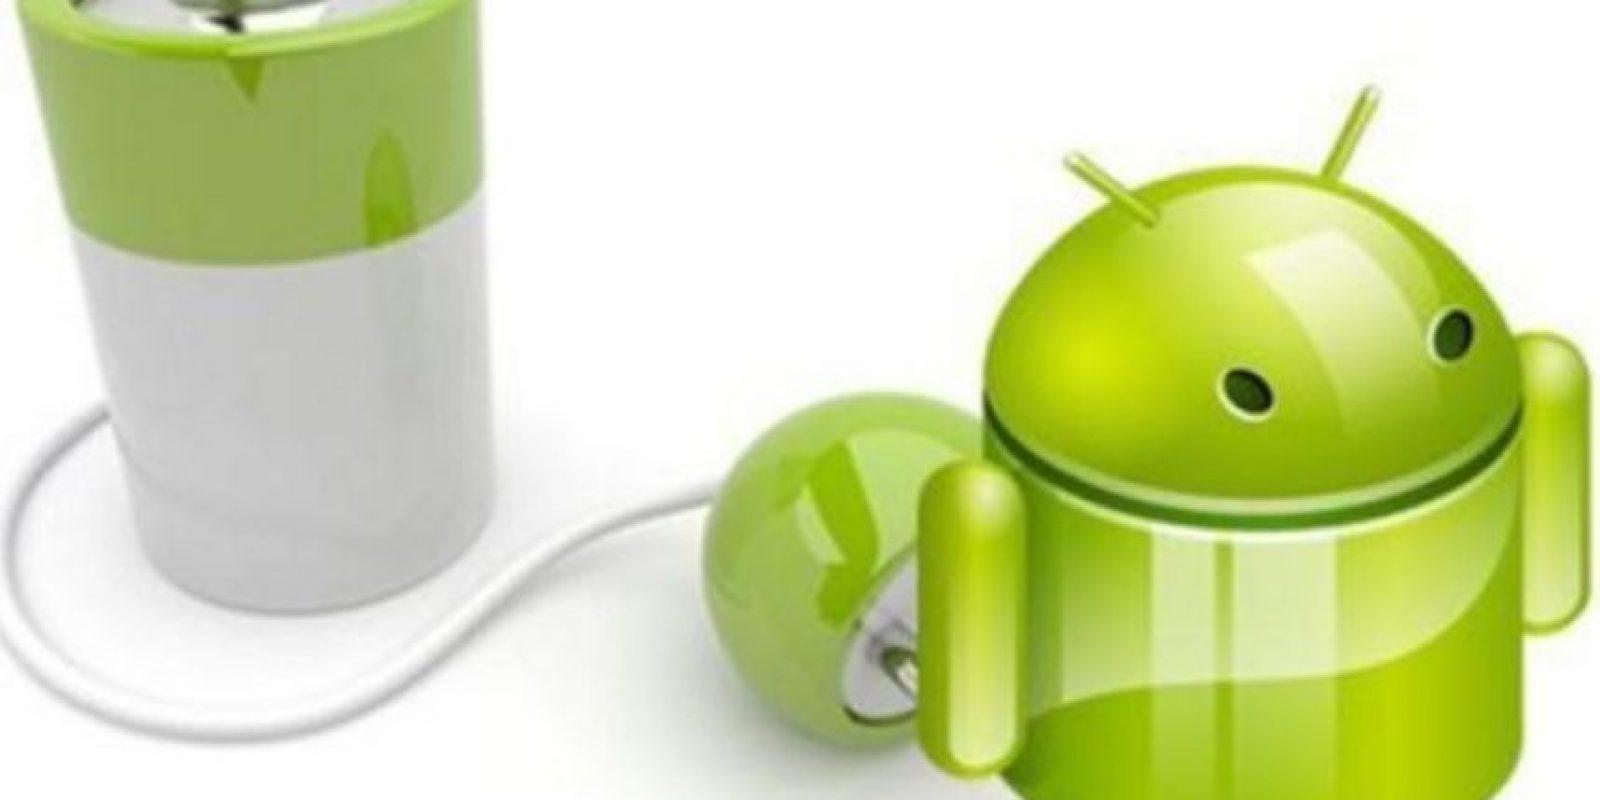 En seguida les mostramos algunos datos para que comprendan cómo funciona la batería de sus smartphones. Foto:Vía Pinterest.com